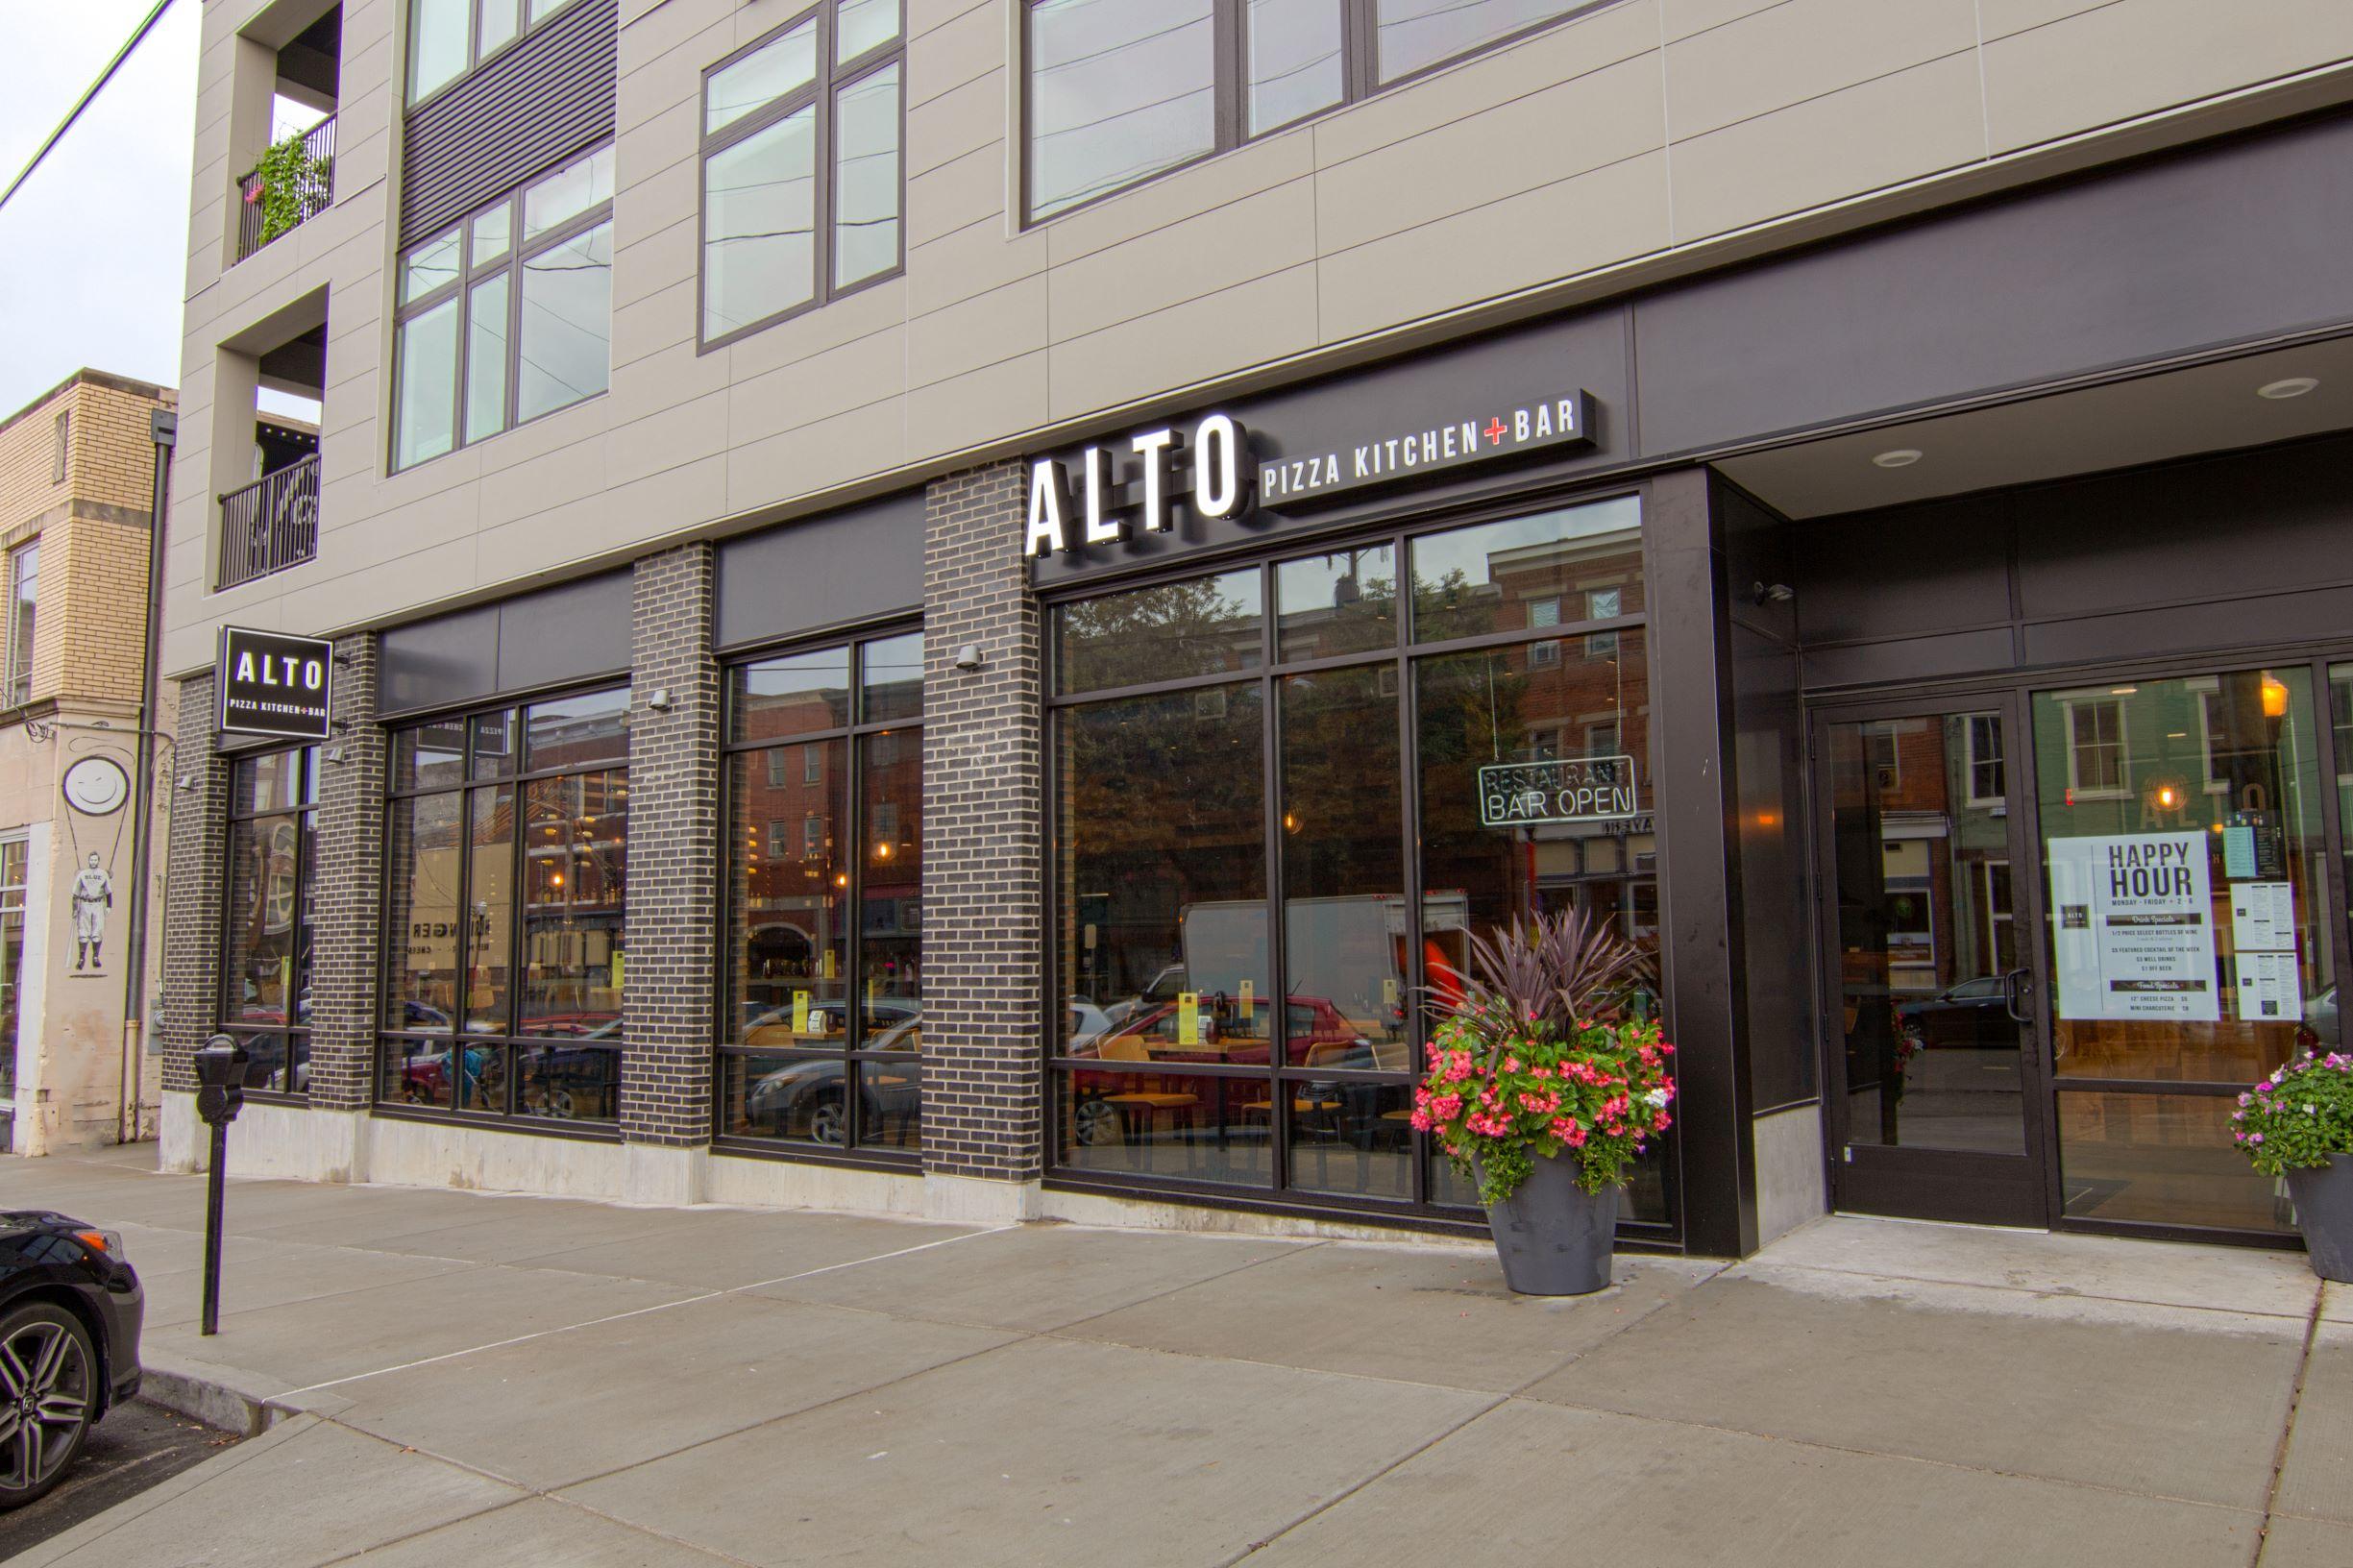 ALTO Pizza Kitchen + Bar